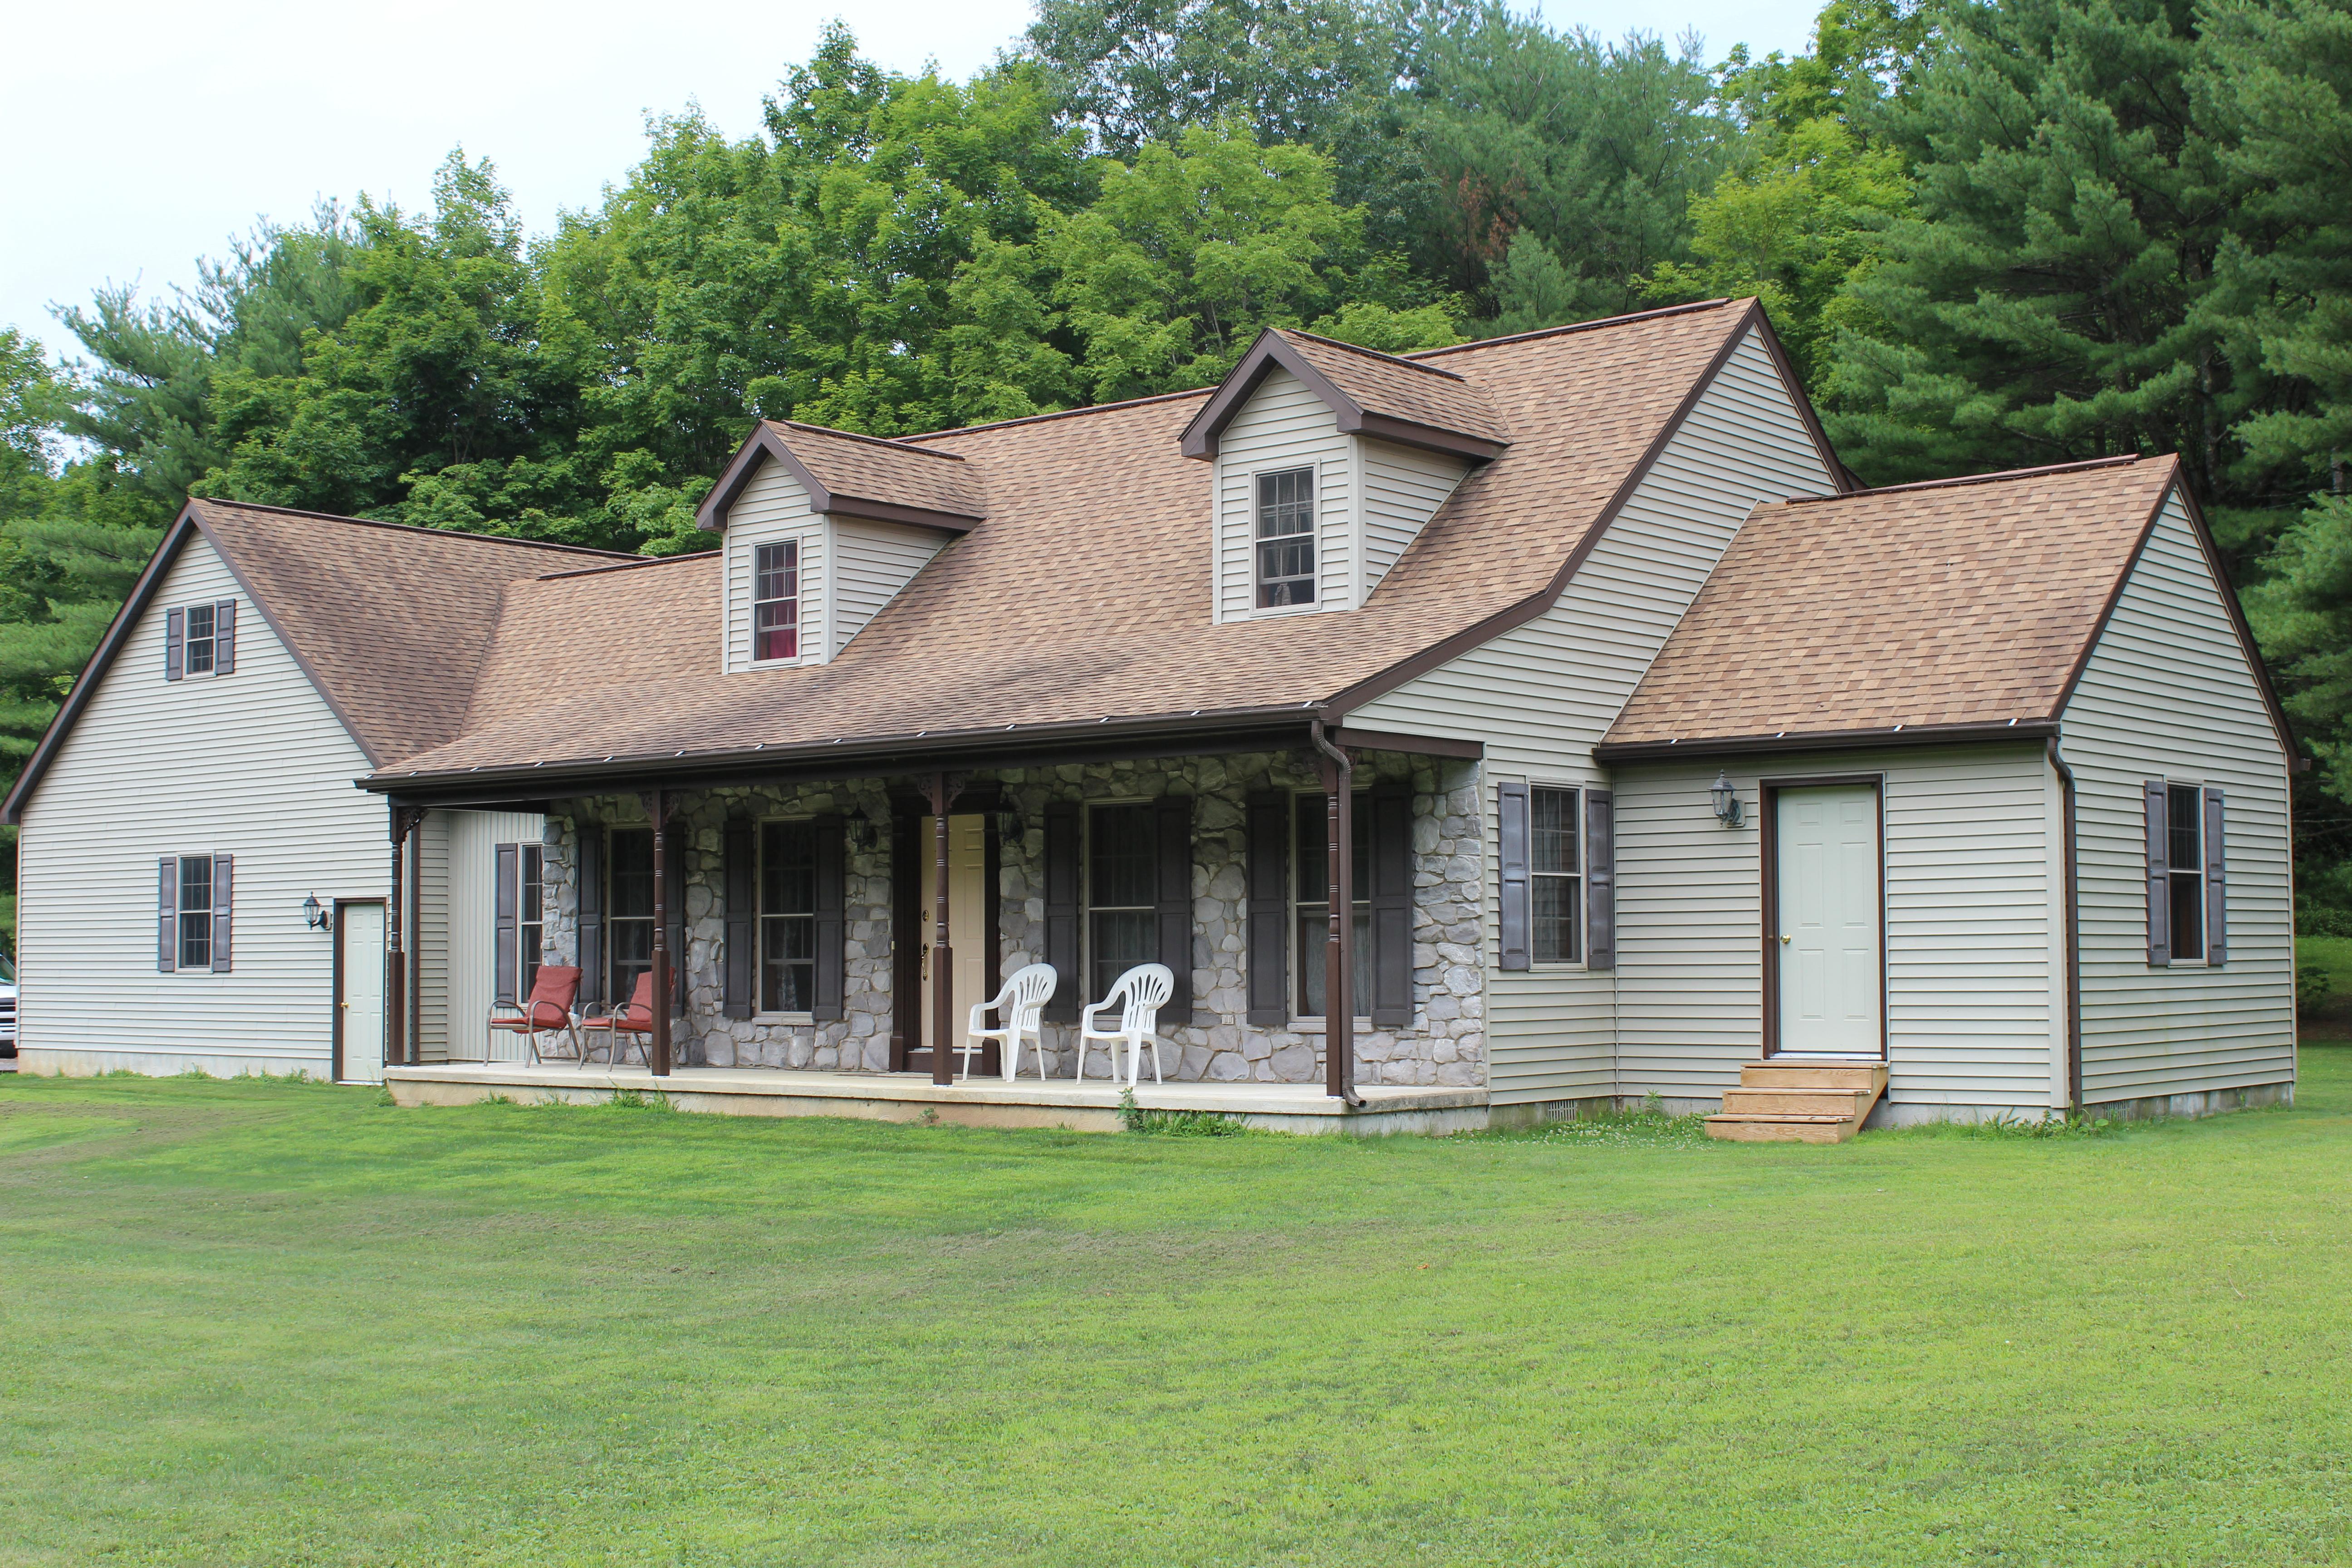 14+/- Acres, Home & Pole Building